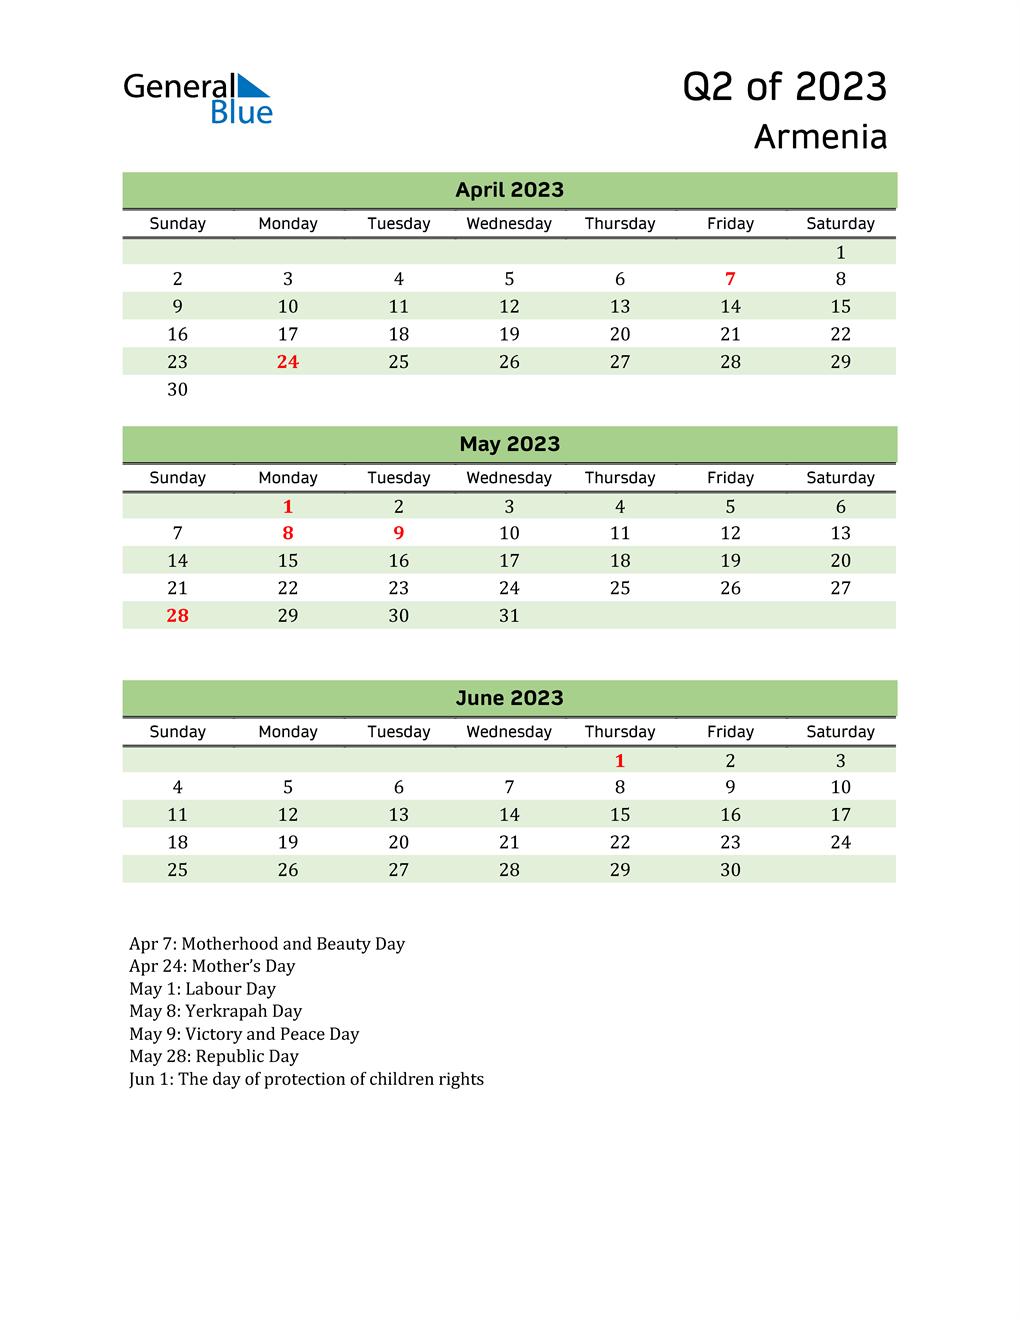 Quarterly Calendar 2023 with Armenia Holidays